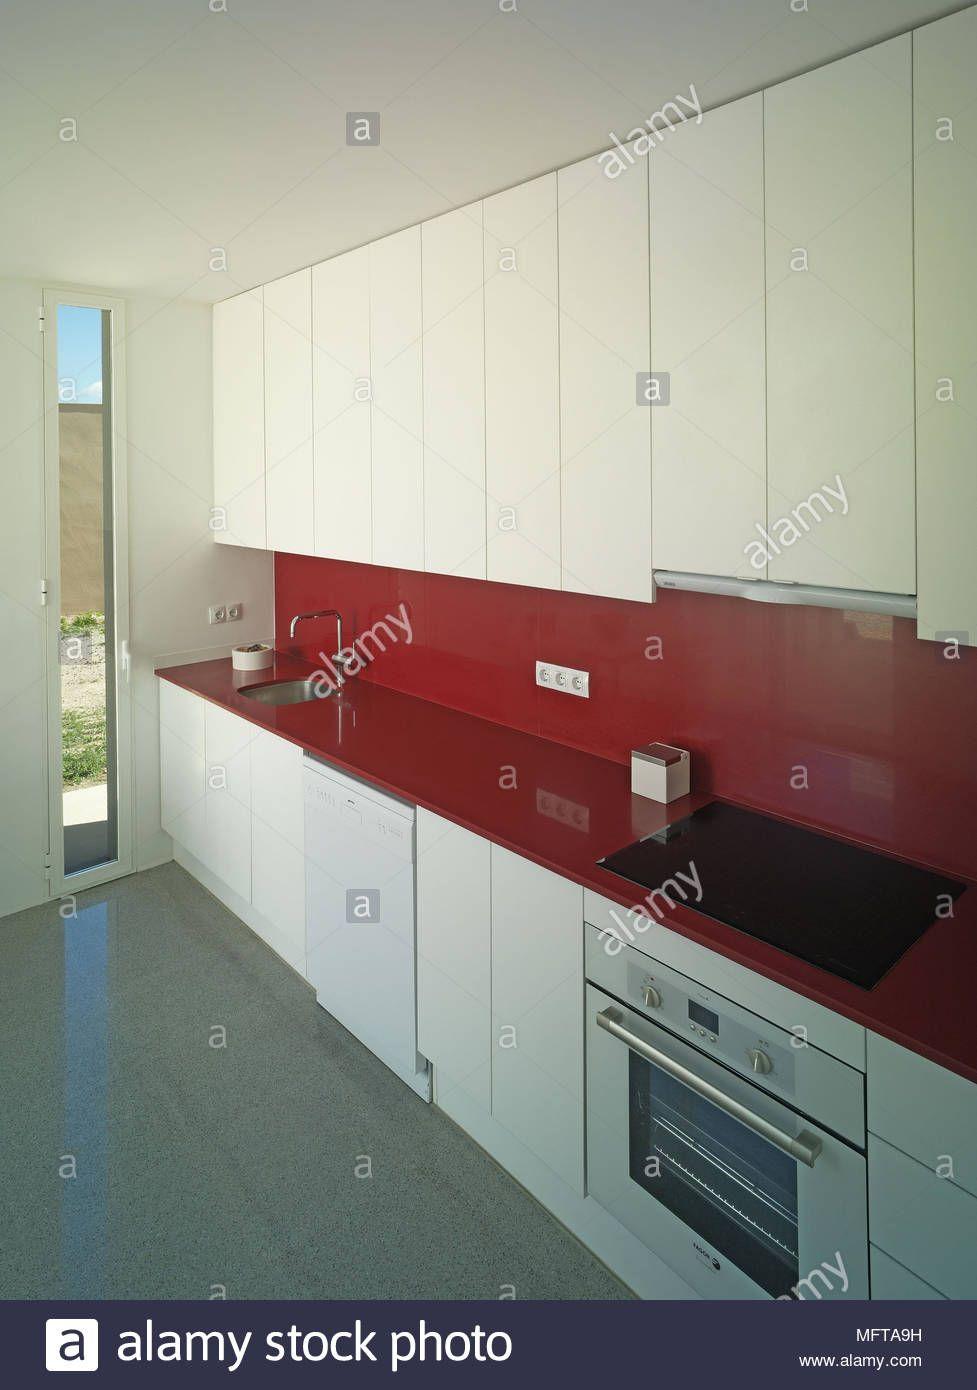 Spule Und Kocher In Rot Auf Der Arbeitsplatte In Der Kuche Image